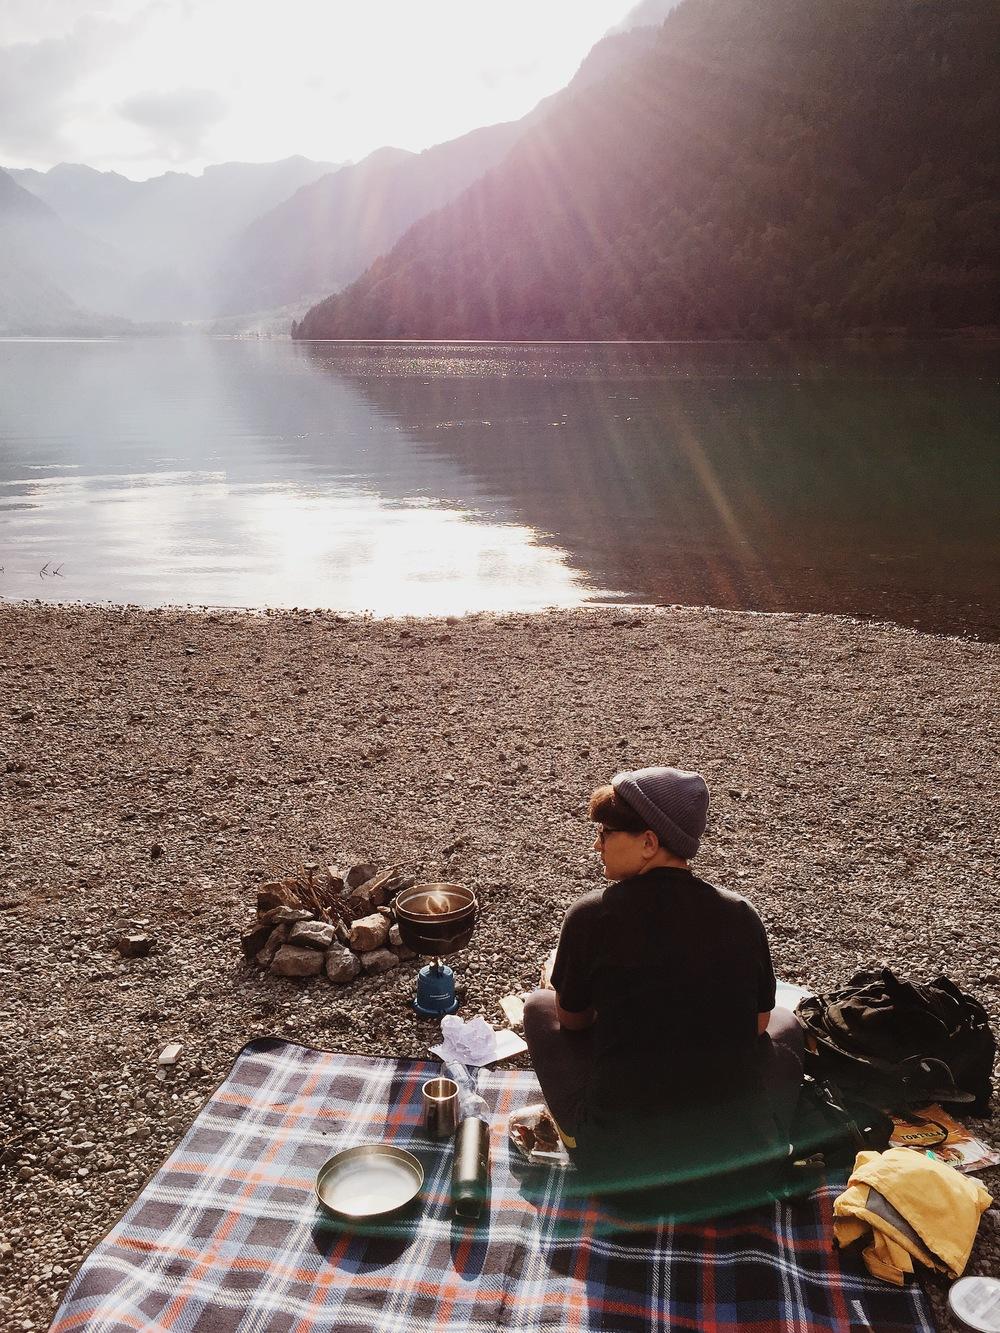 Wunderplunderschönes Kochen am See (: